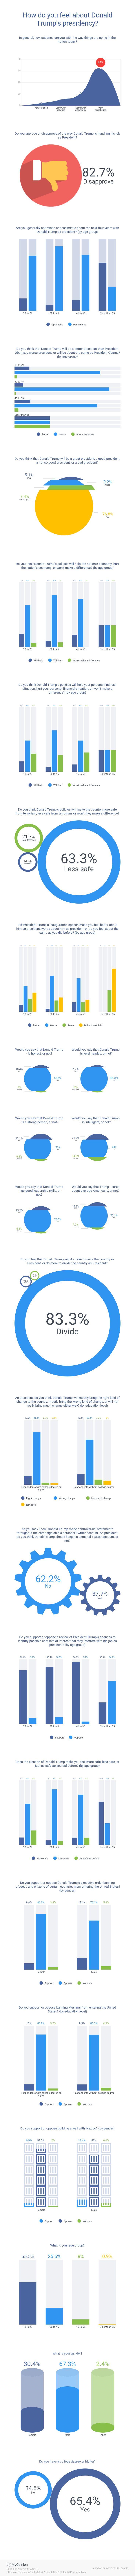 #infographic #trump